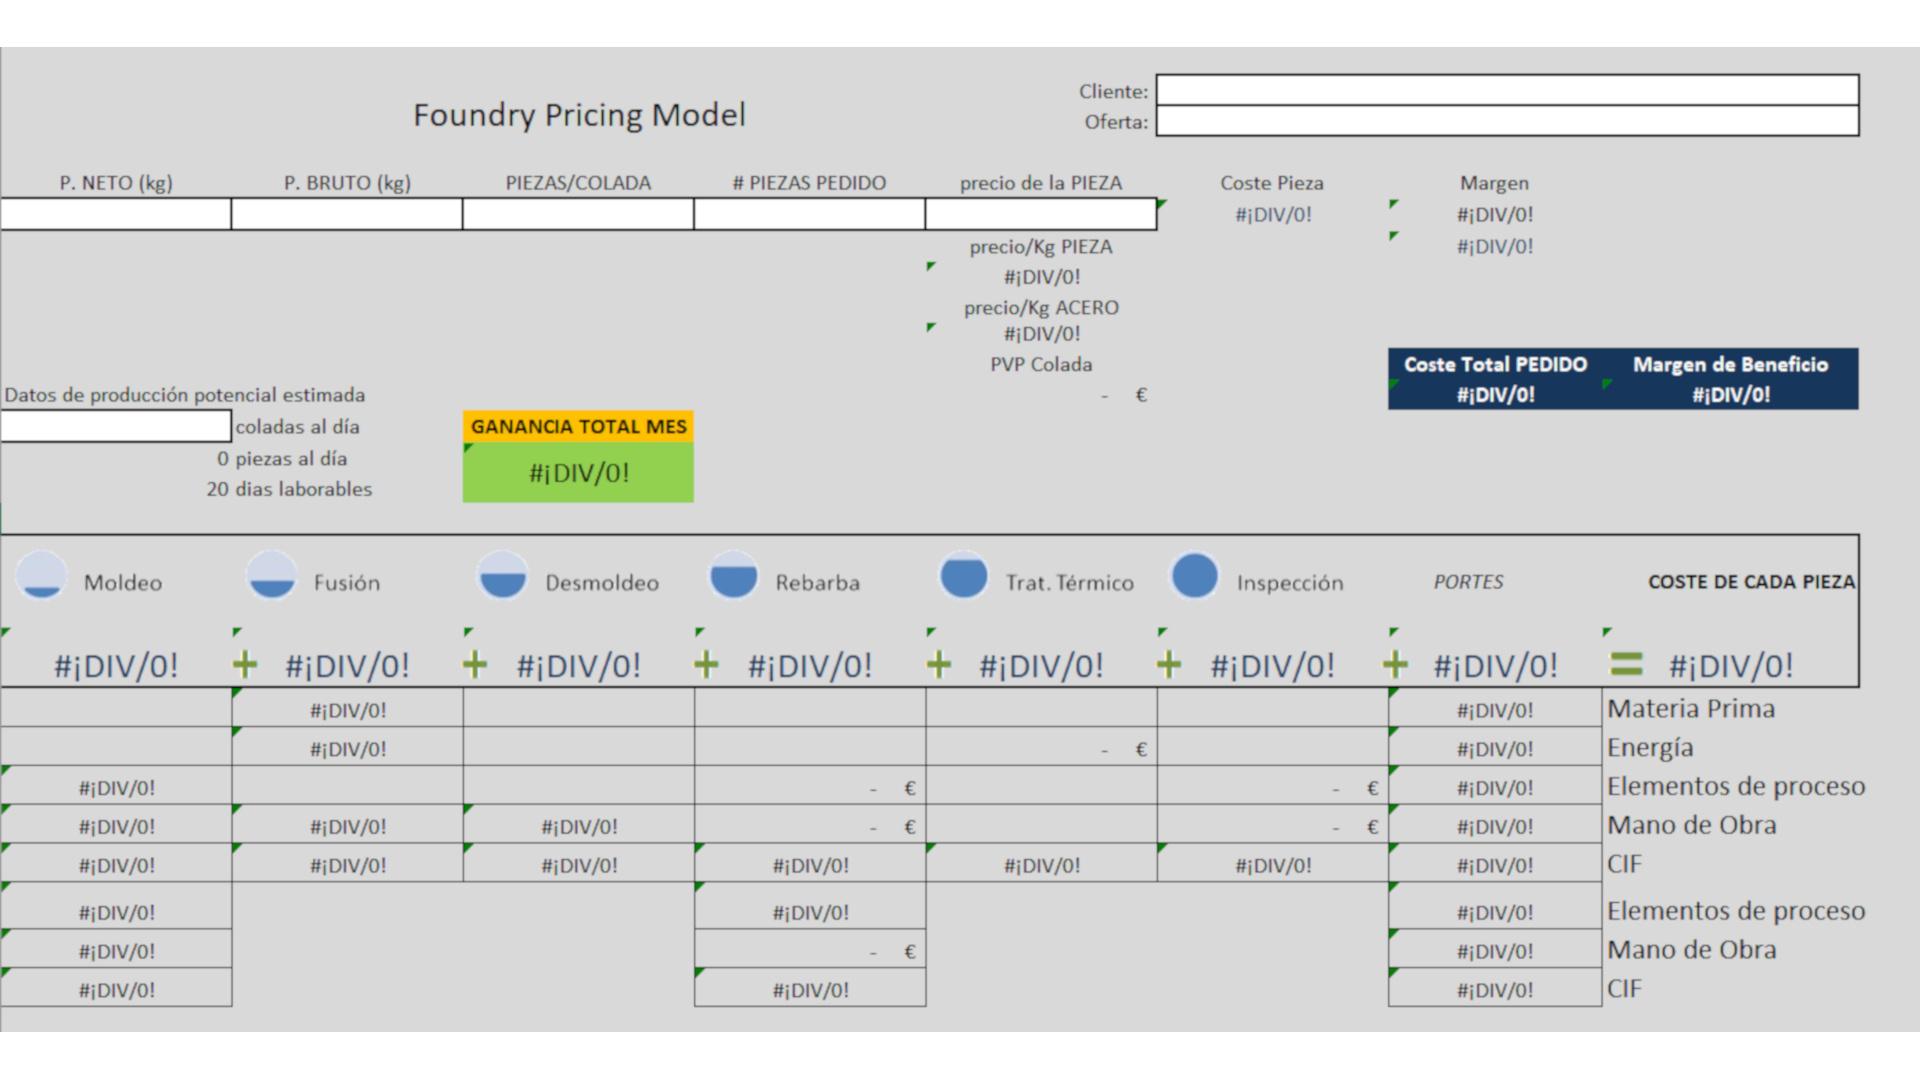 modelo de costes y precios